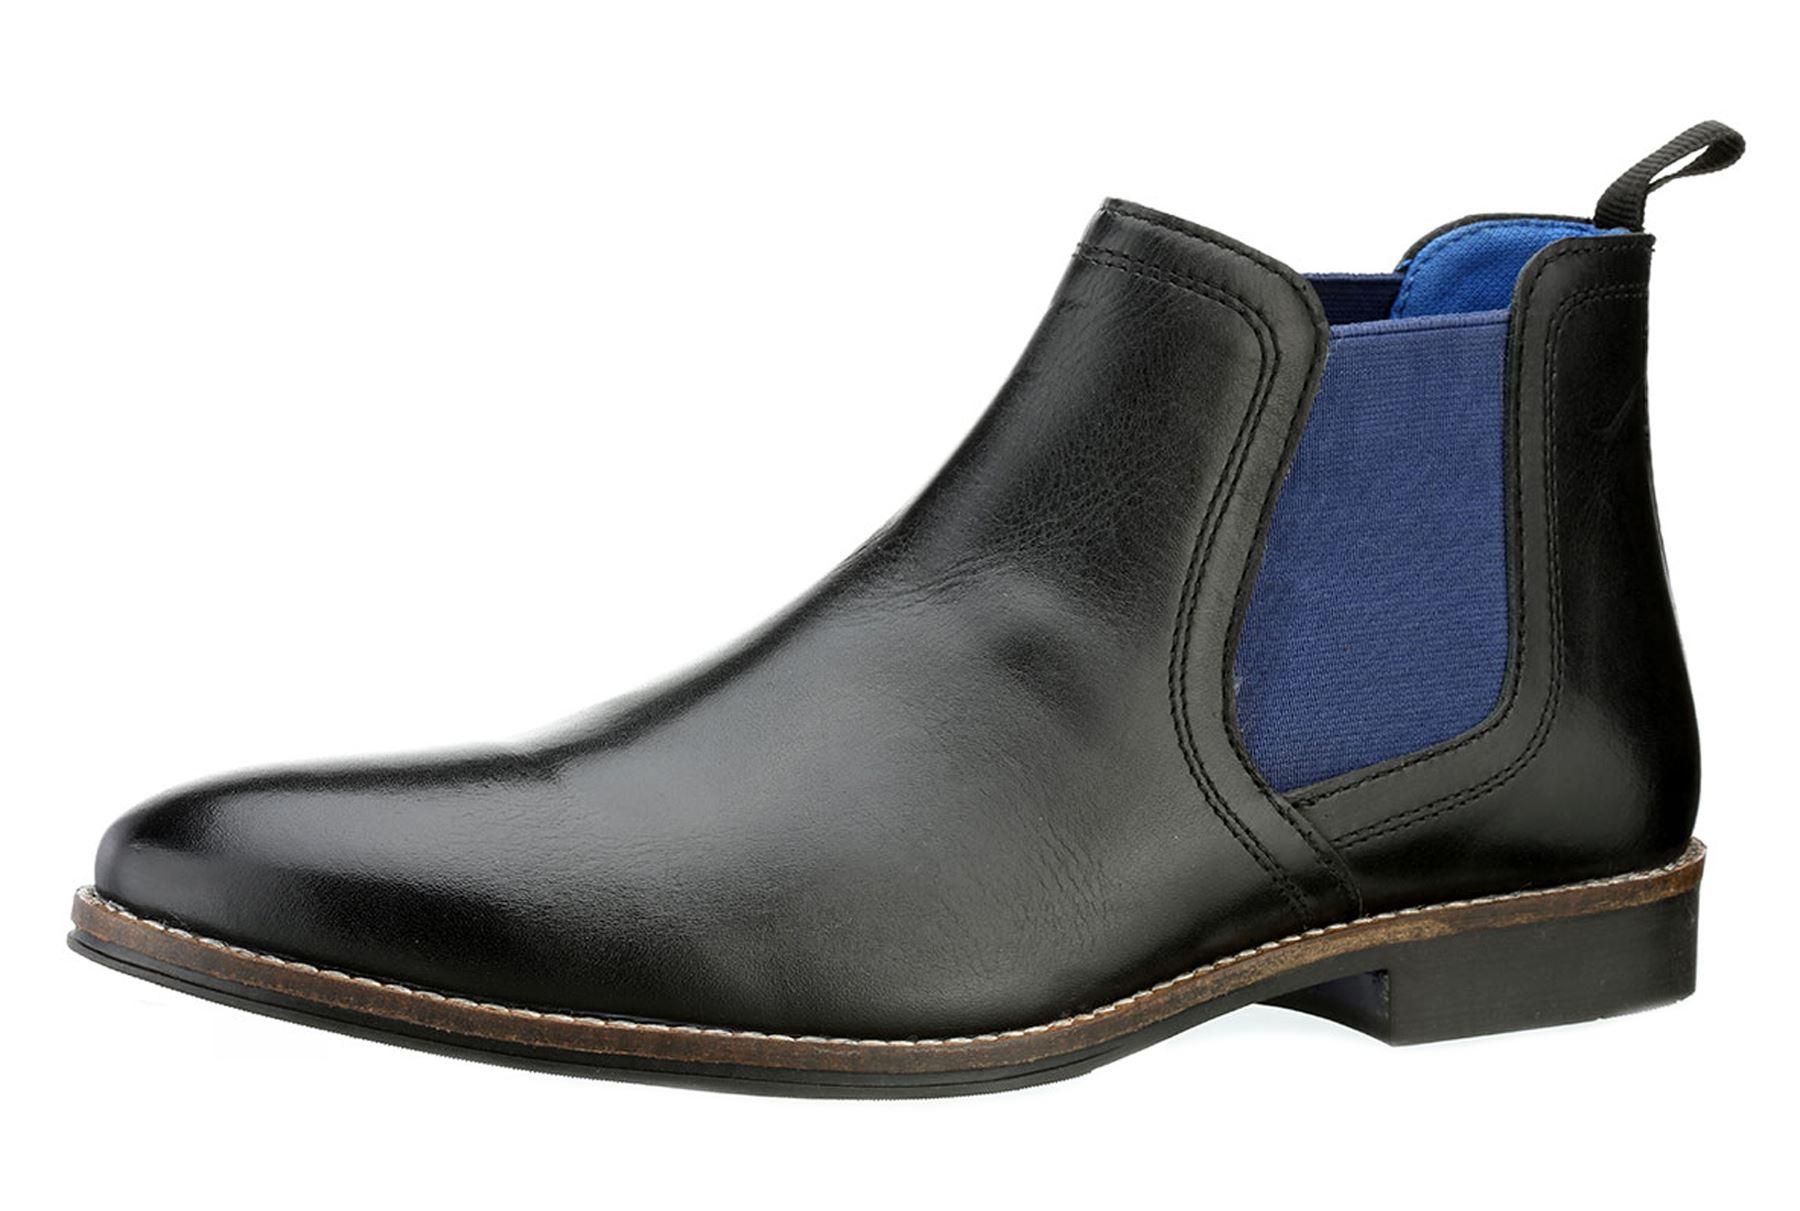 Bottes en cuir de haute qualité de tracasseries Chelsea. Fashionably smart  bout arrondi, bottes Chelsea sont fabriqués à dessus en cuir noir ou beige  100 ... 4005ff1abc12